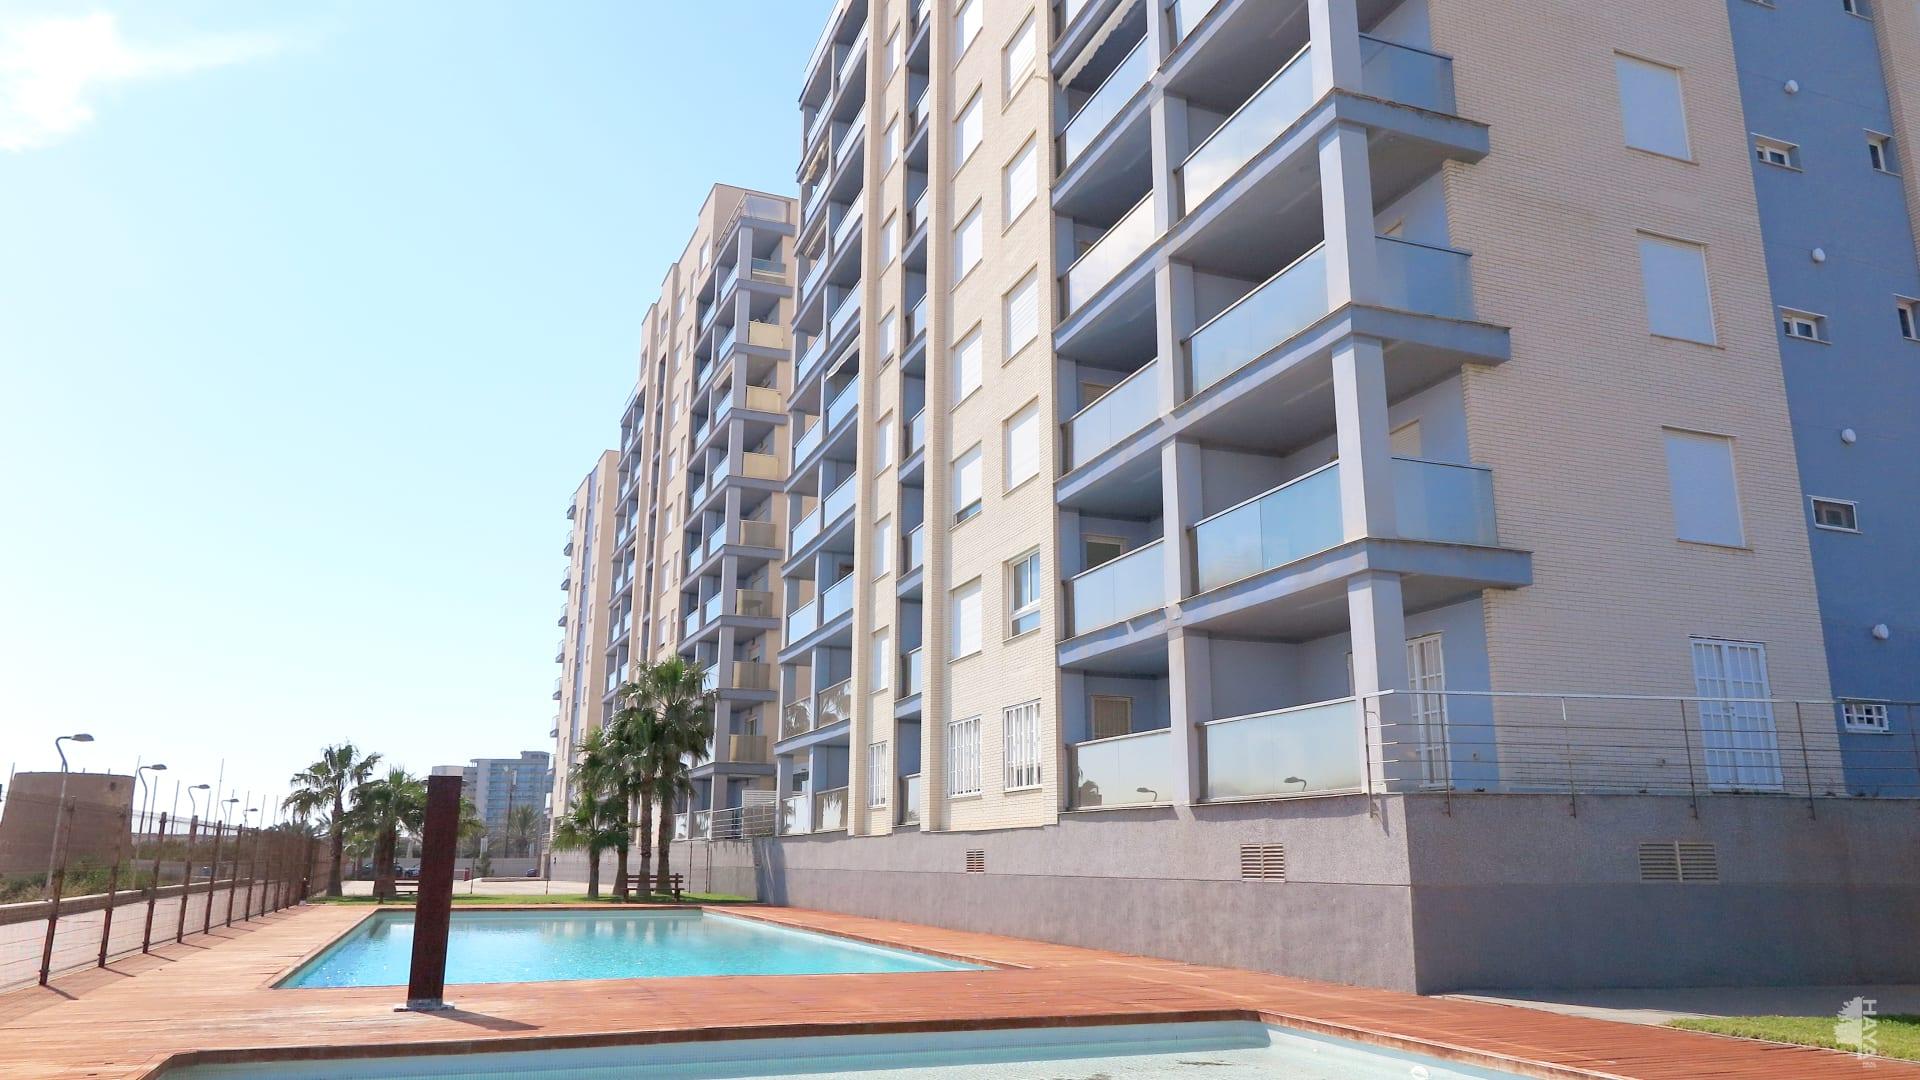 Piso en venta en San Javier, Murcia, Calle Prolongación Pol F. Conj Resid. Veneziola Golf Ii, 129.000 €, 3 habitaciones, 2 baños, 70 m2